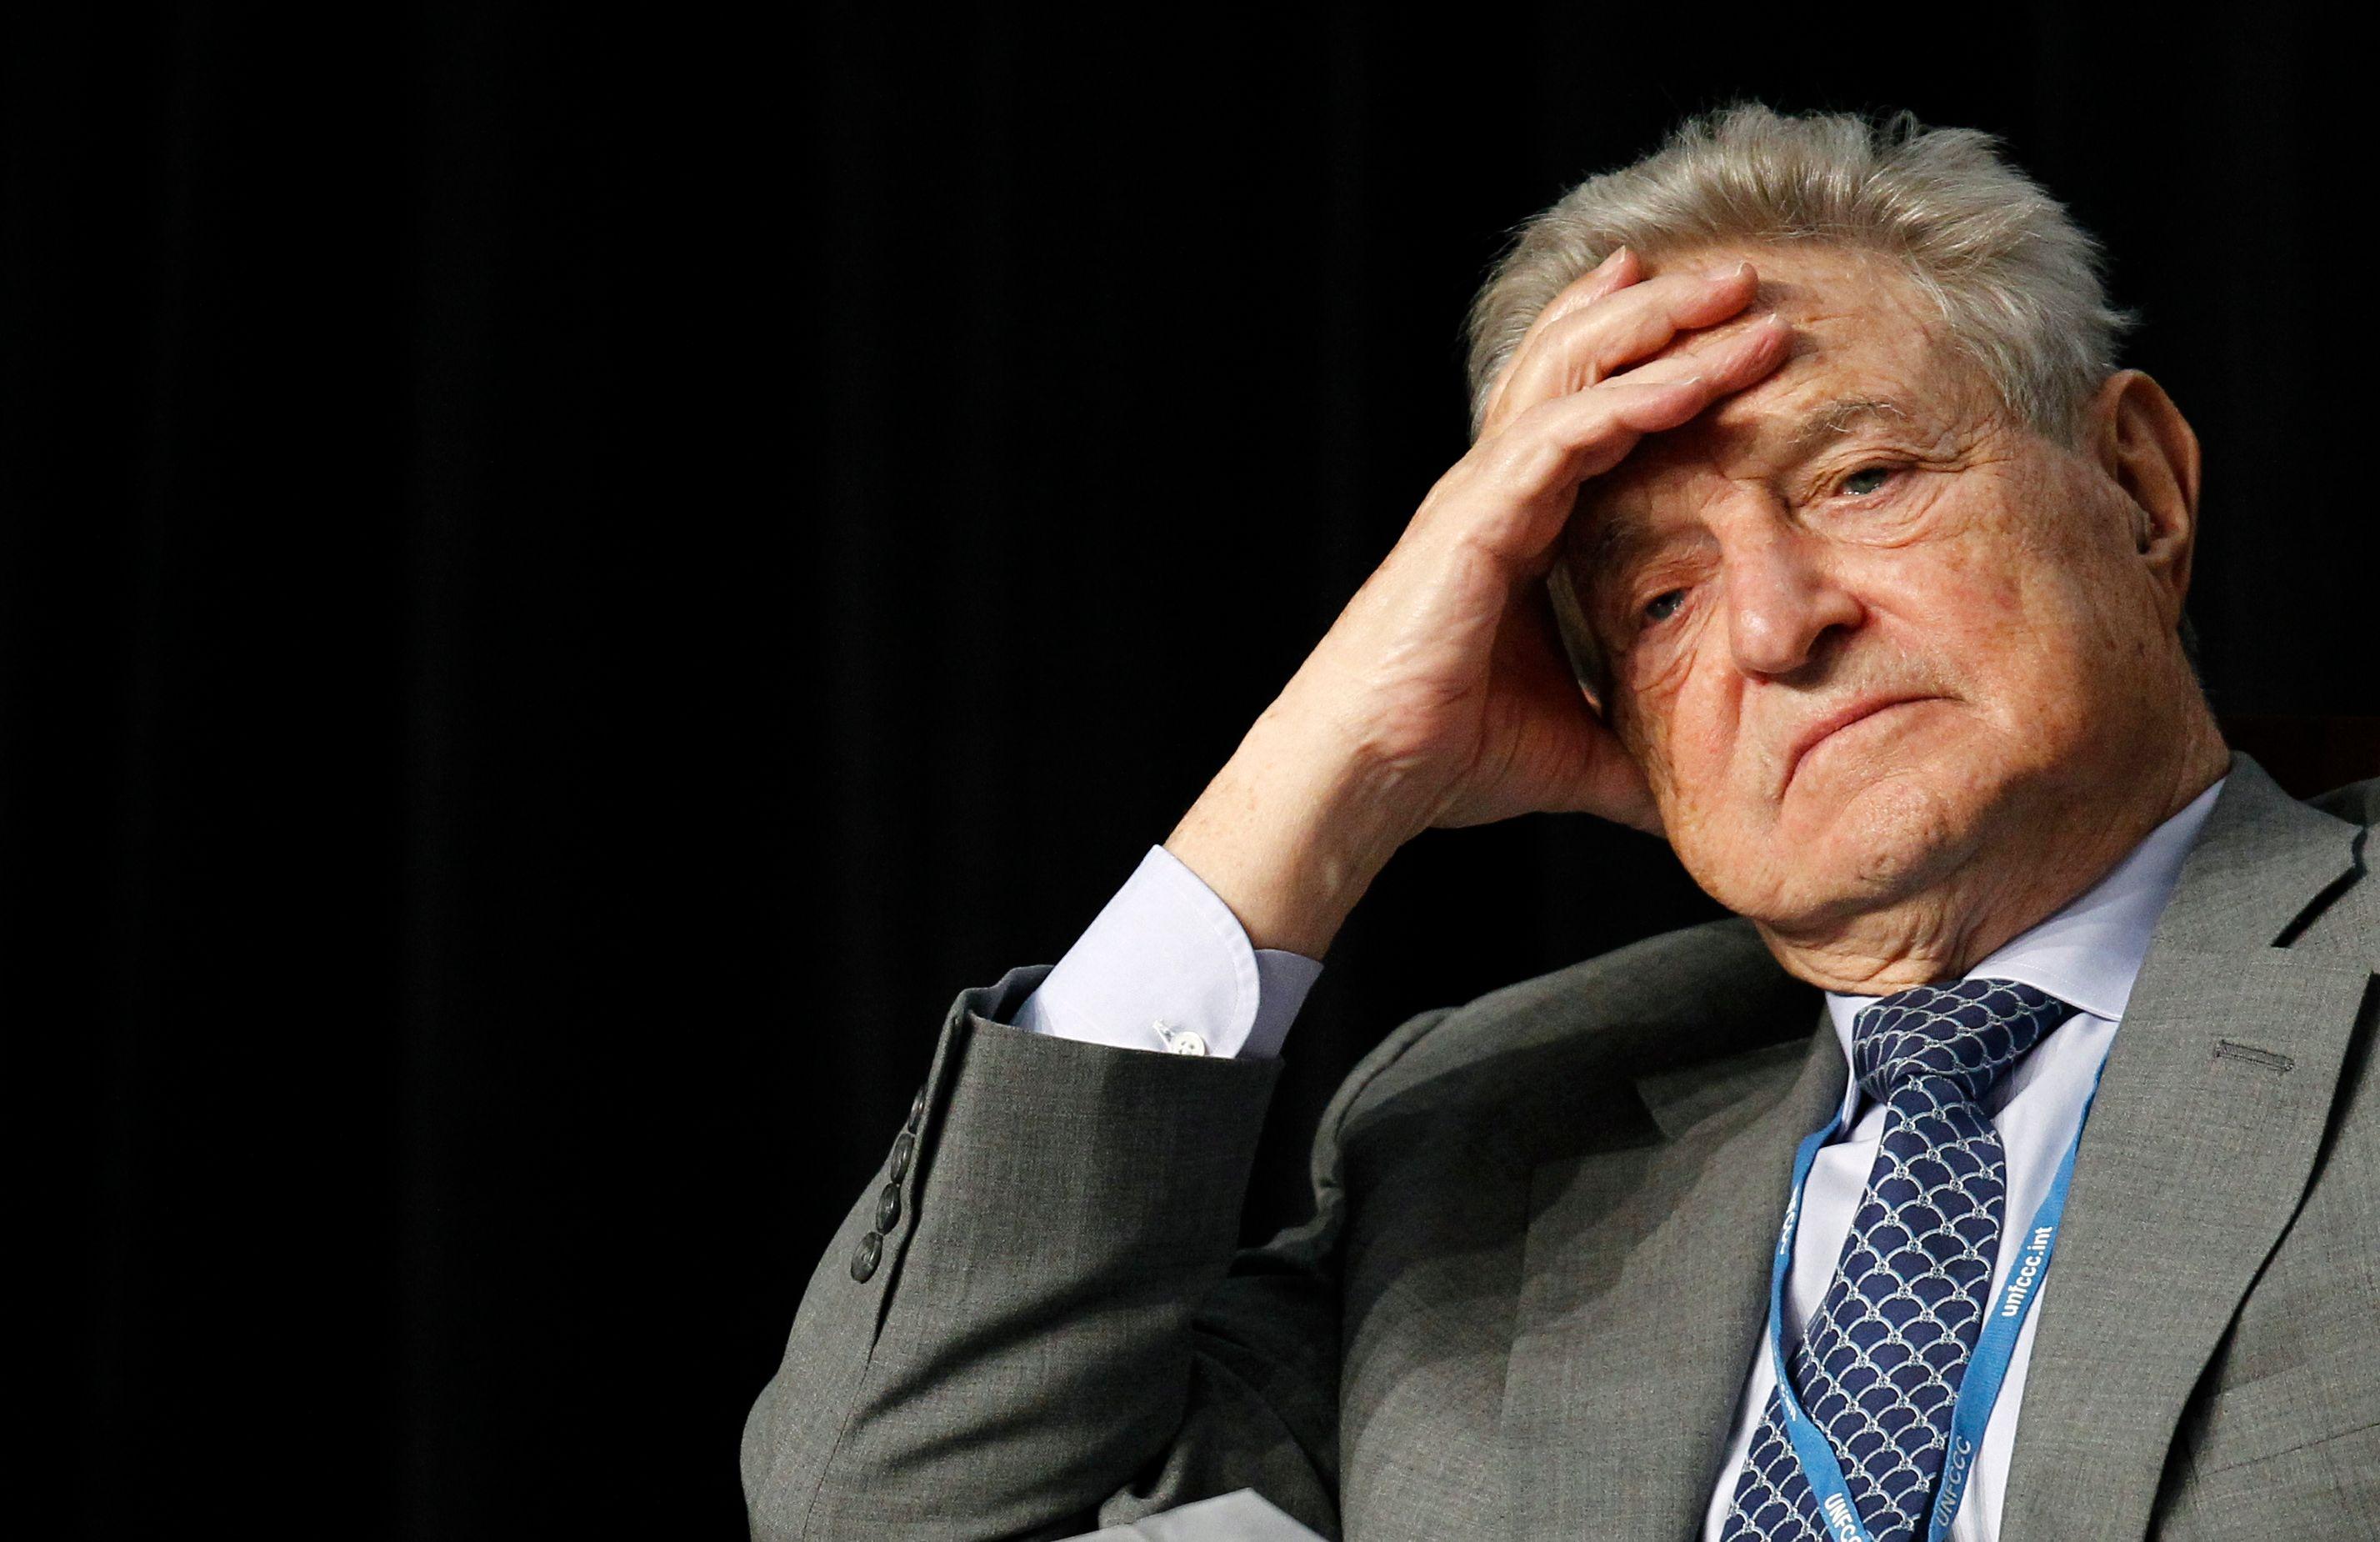 George Soros a-t-il raison de dire que le dogme de l'efficience des marchés a failli ?